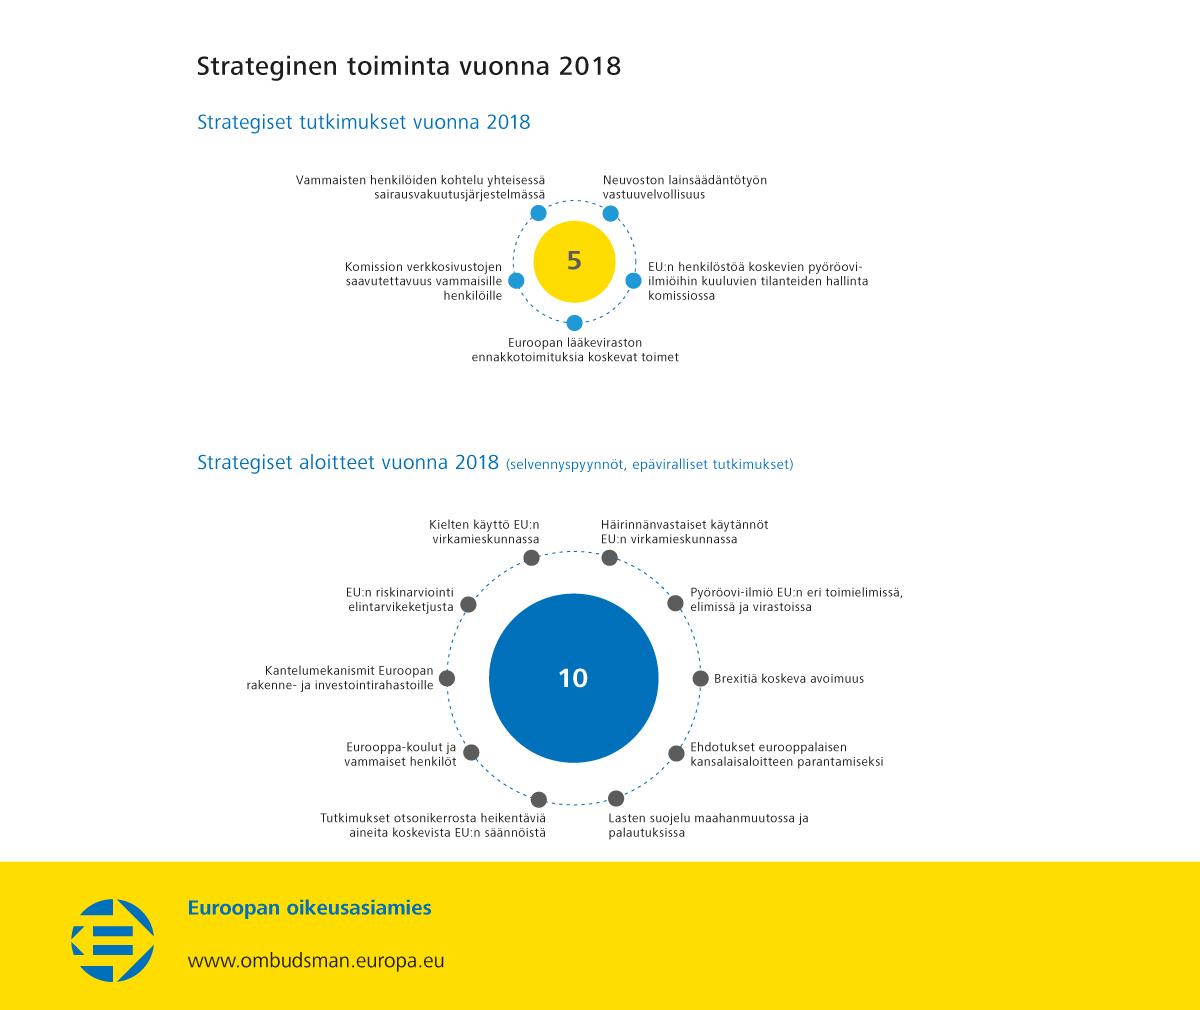 Strateginen toiminta vuonna 2018